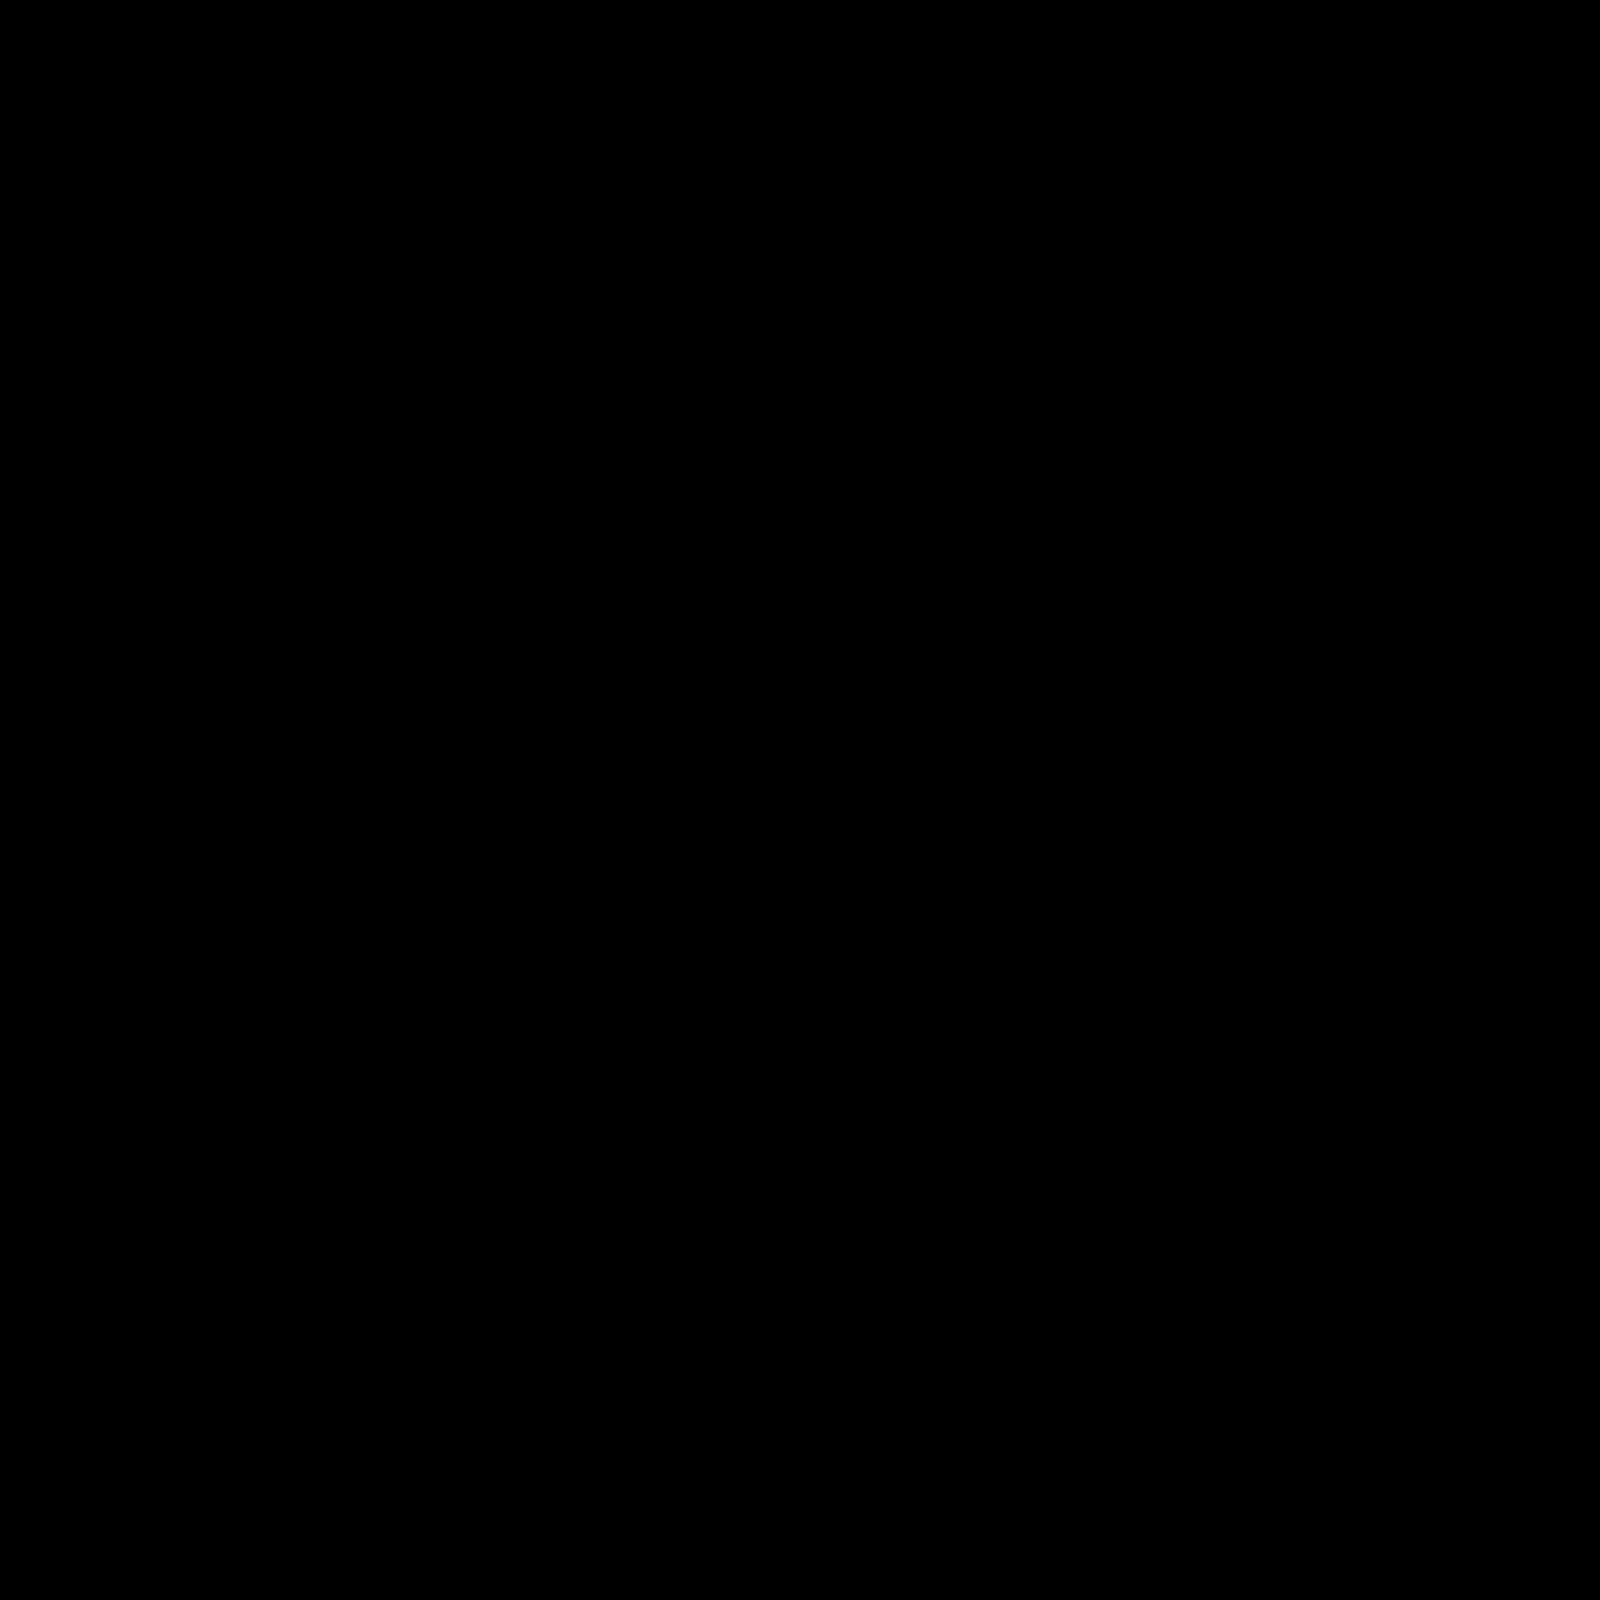 3 en círculo C icon